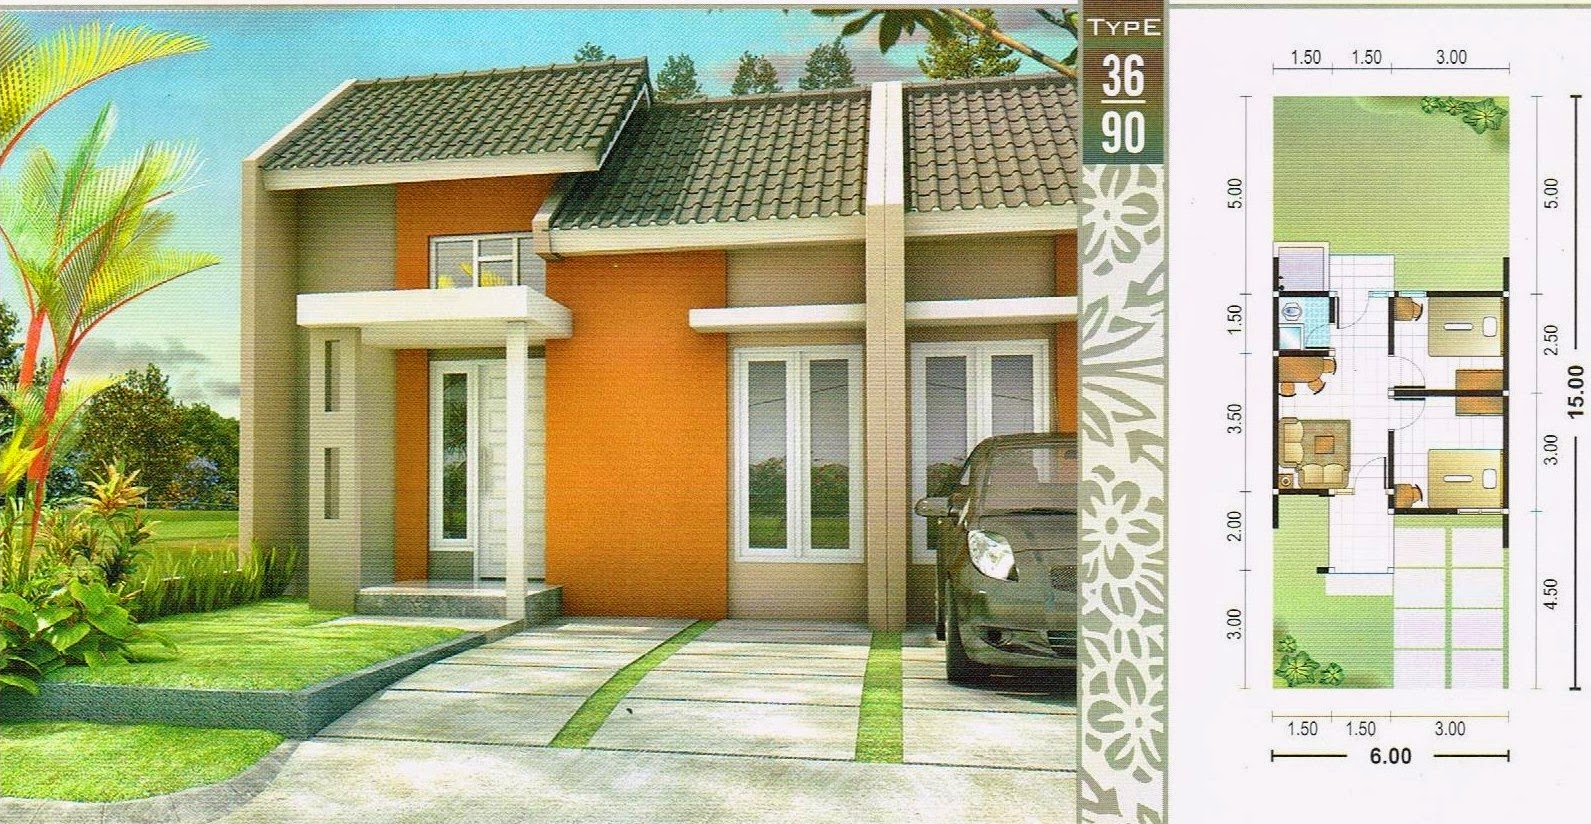 Desain Rumah Hook Type 36 Rumah Desain Minimalis